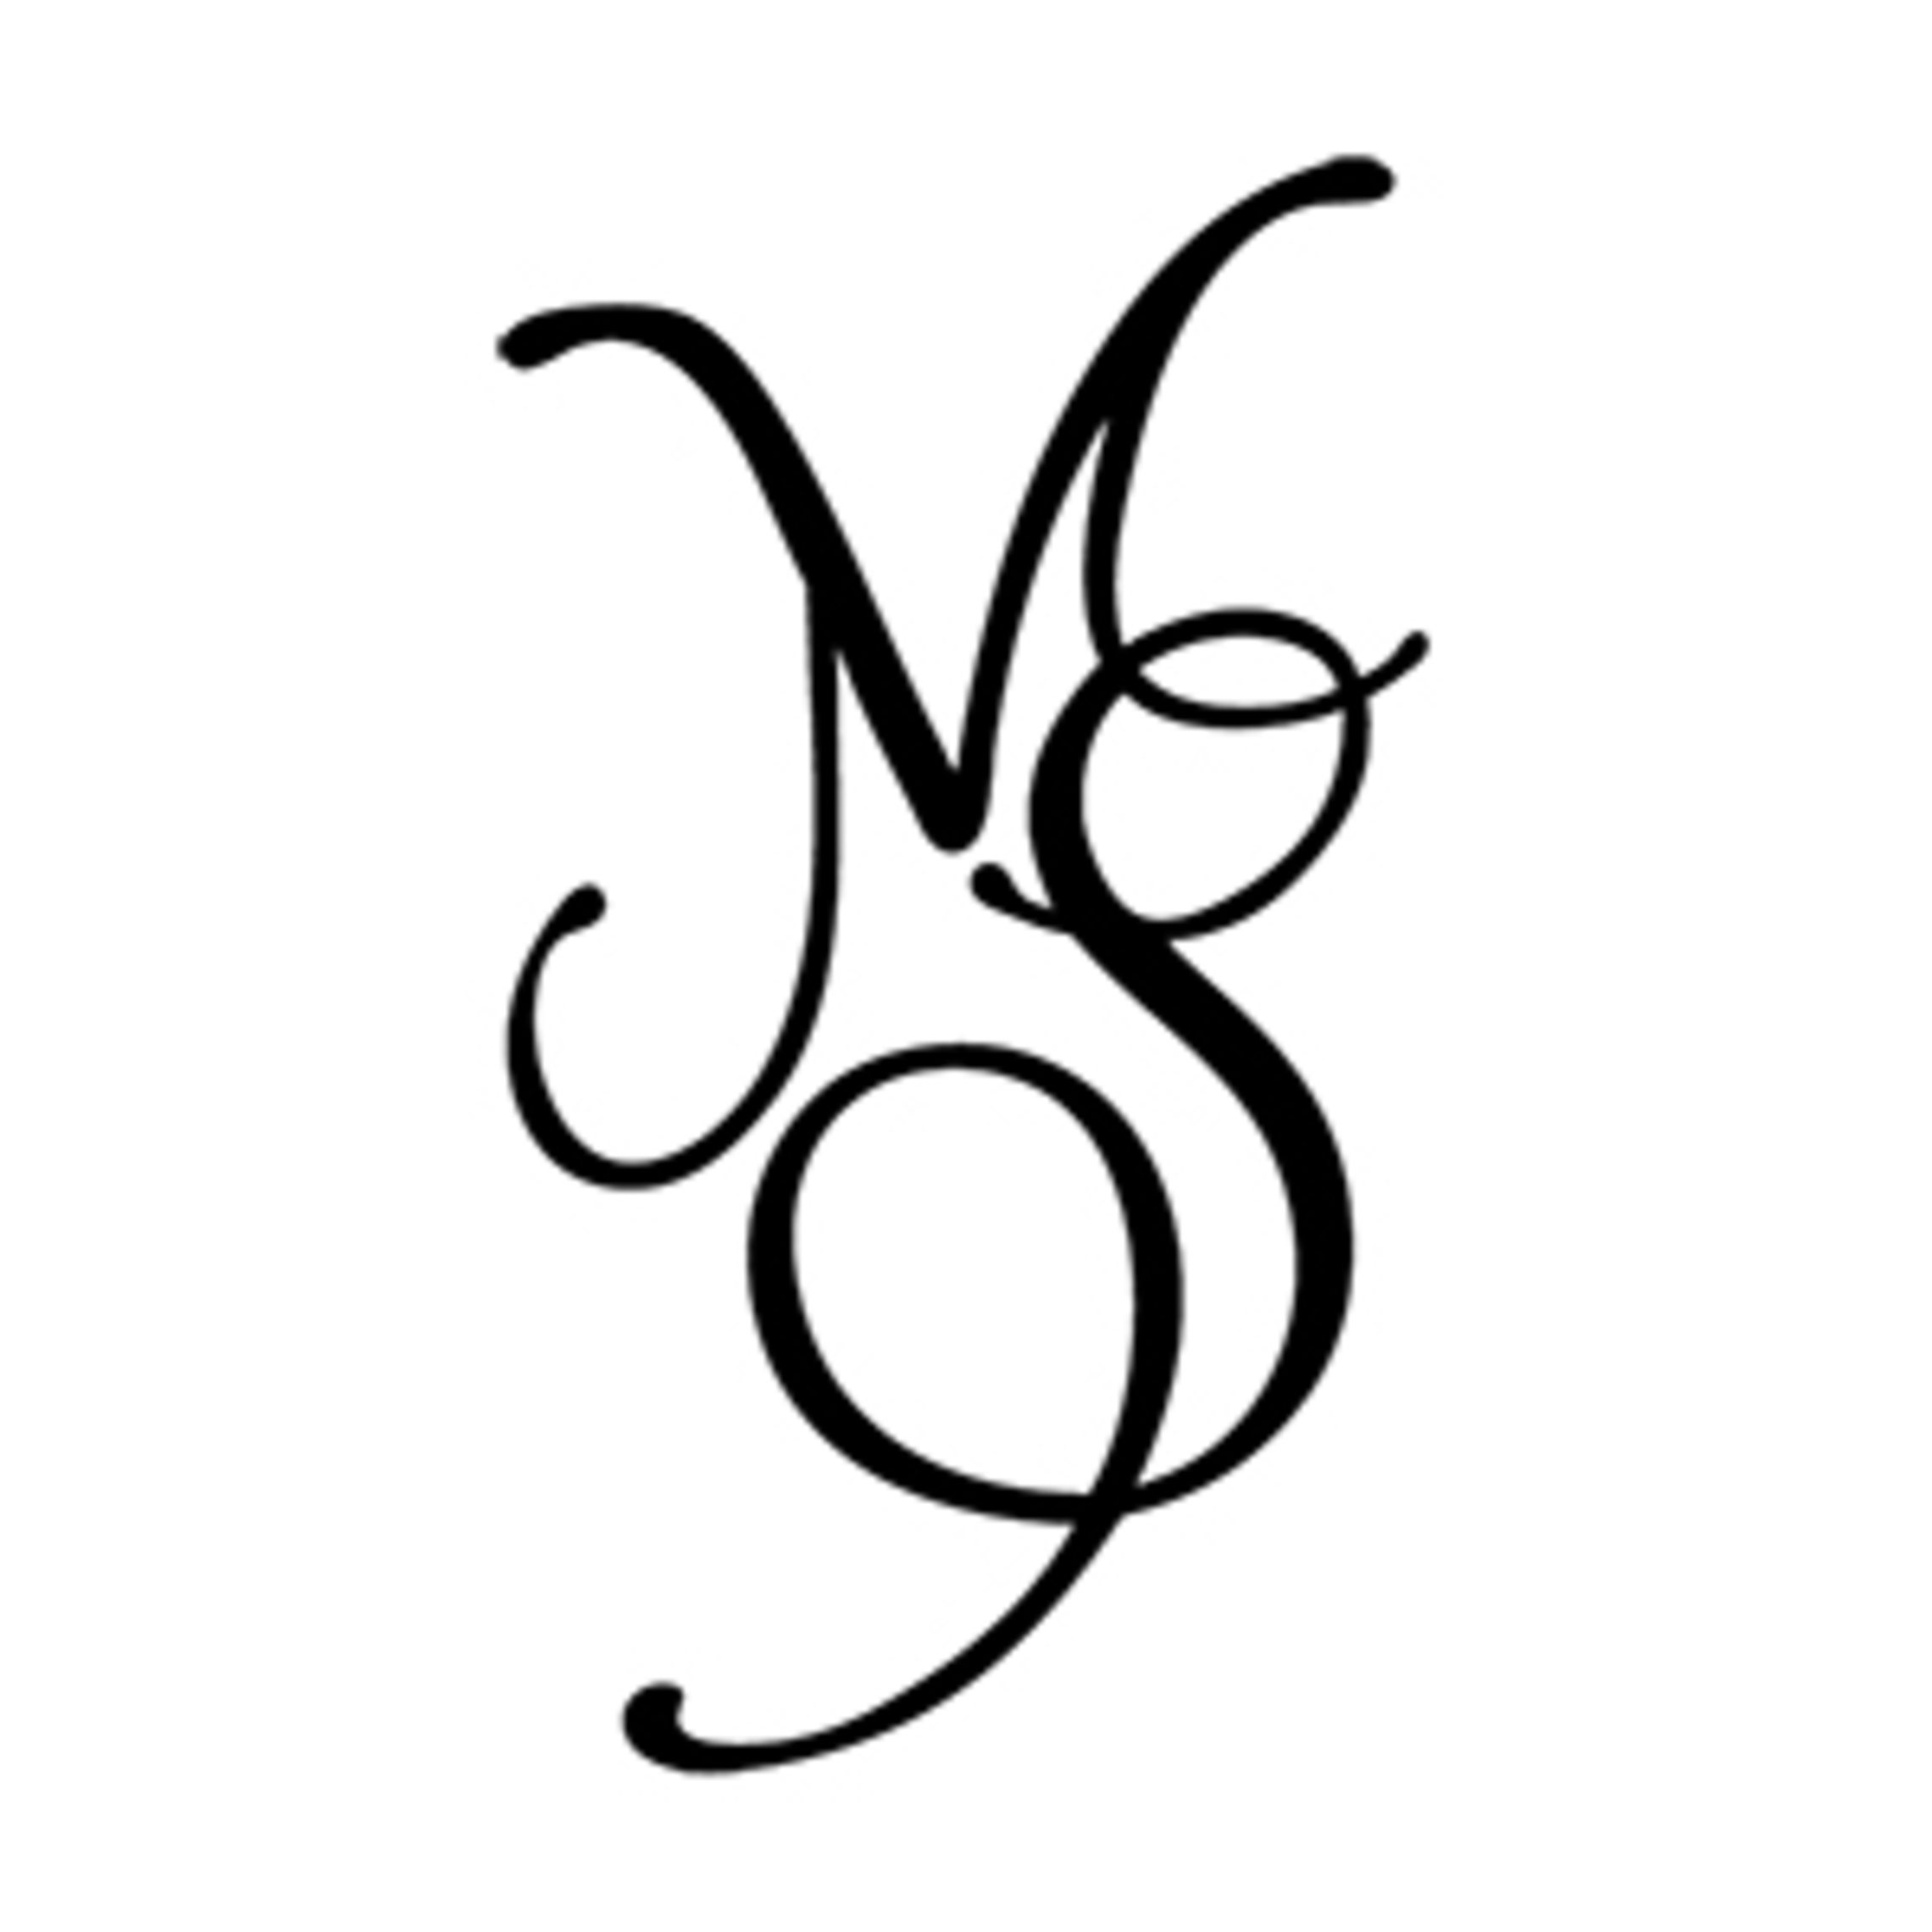 ms soignee- company logo